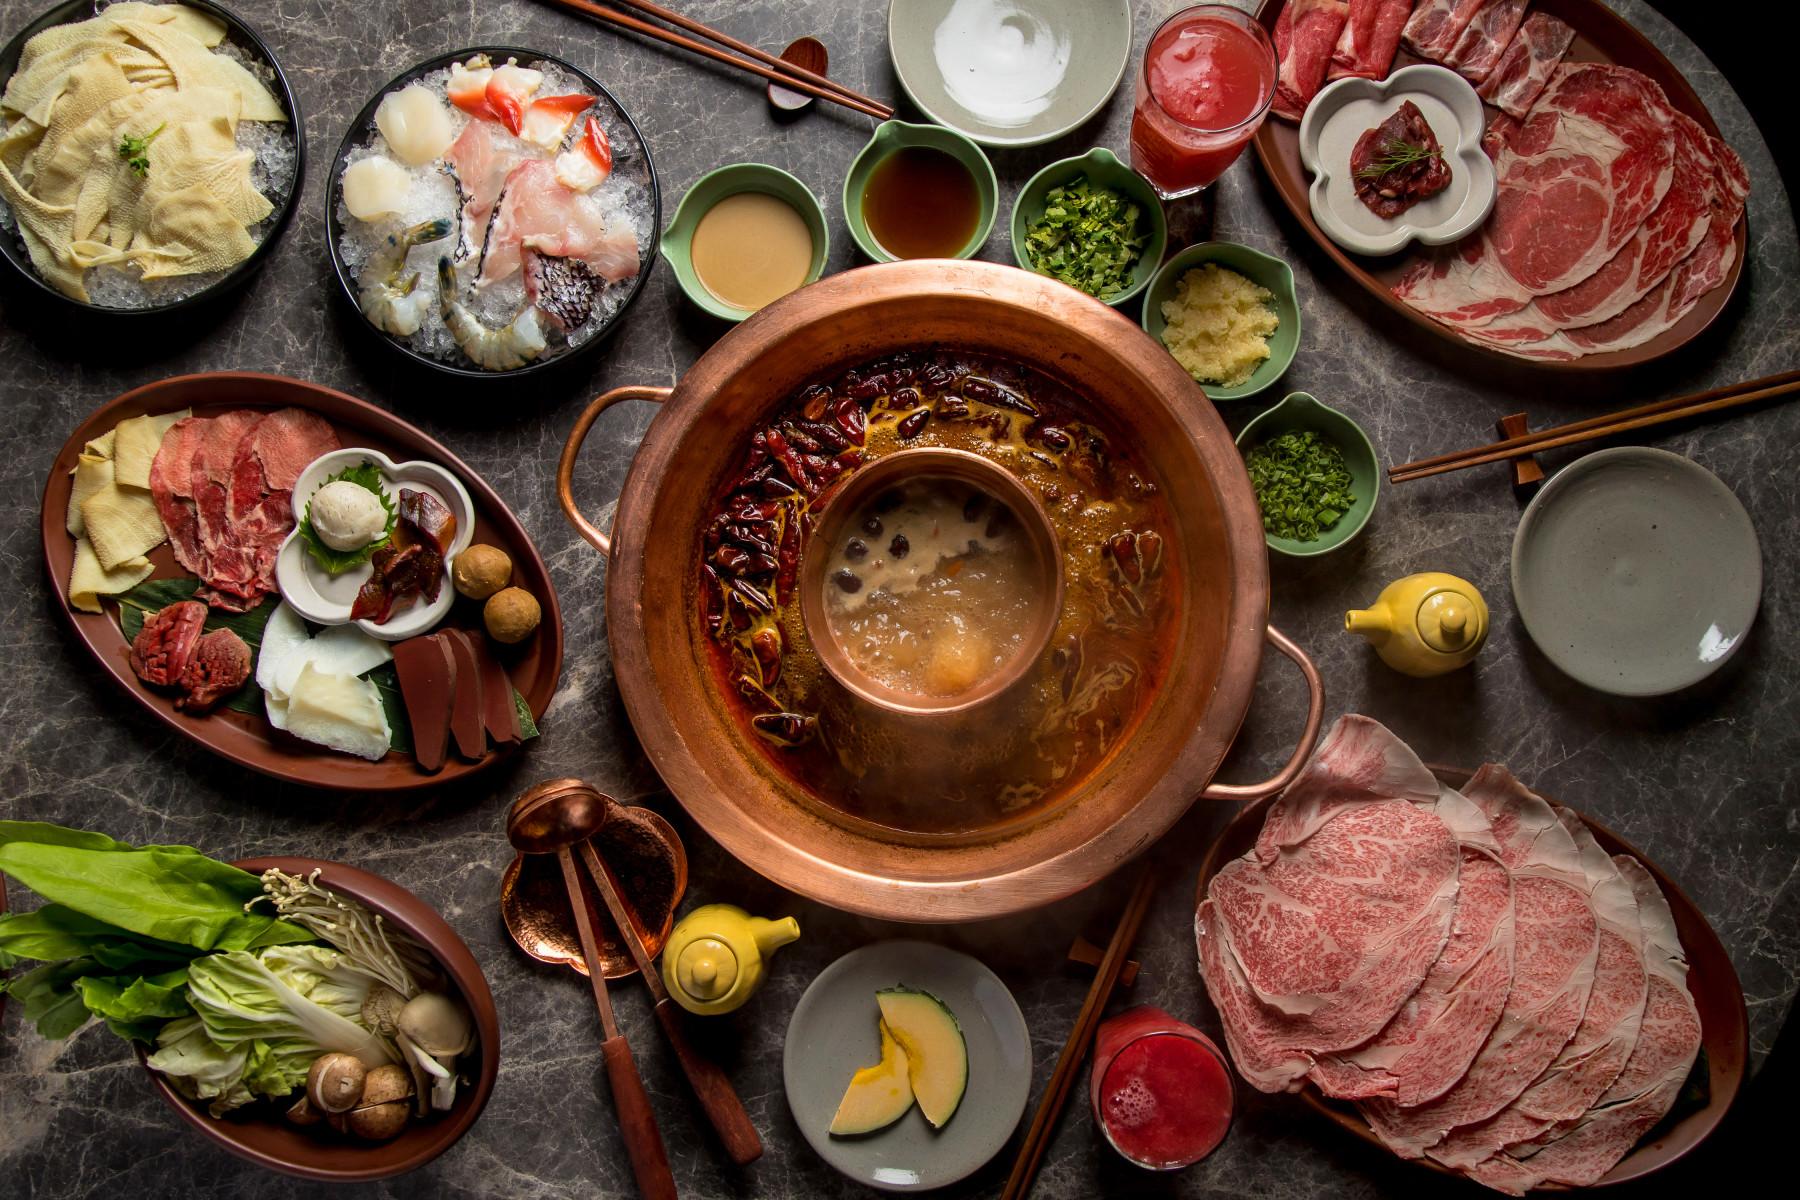 TangHotpot - Feast Meets West